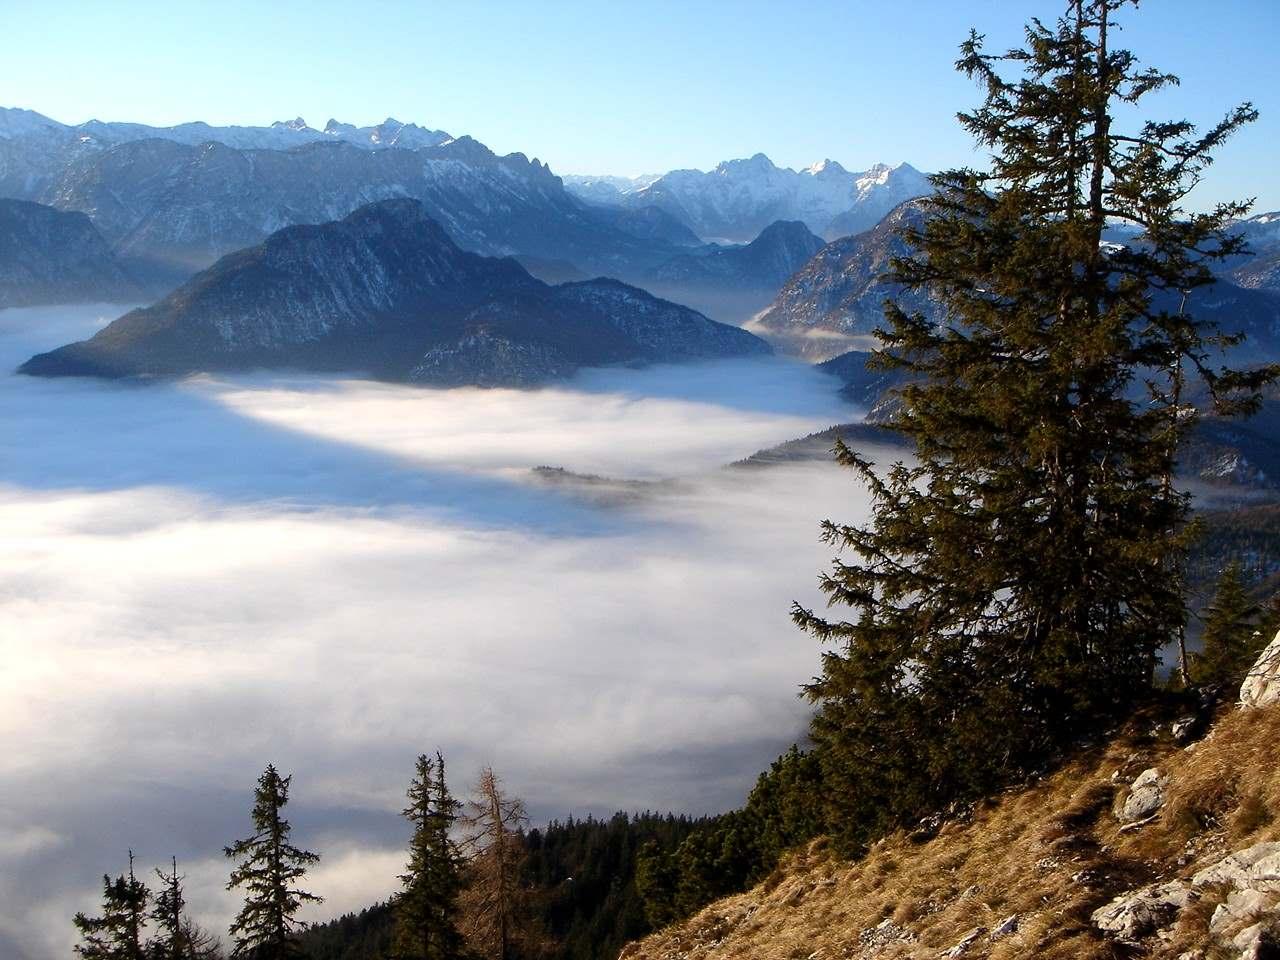 Foto: Manfred Karl / Wander Tour / Von der Padinger Alm auf den Hochstaufen / Nebel über Reichenhall / 18.05.2007 07:00:18